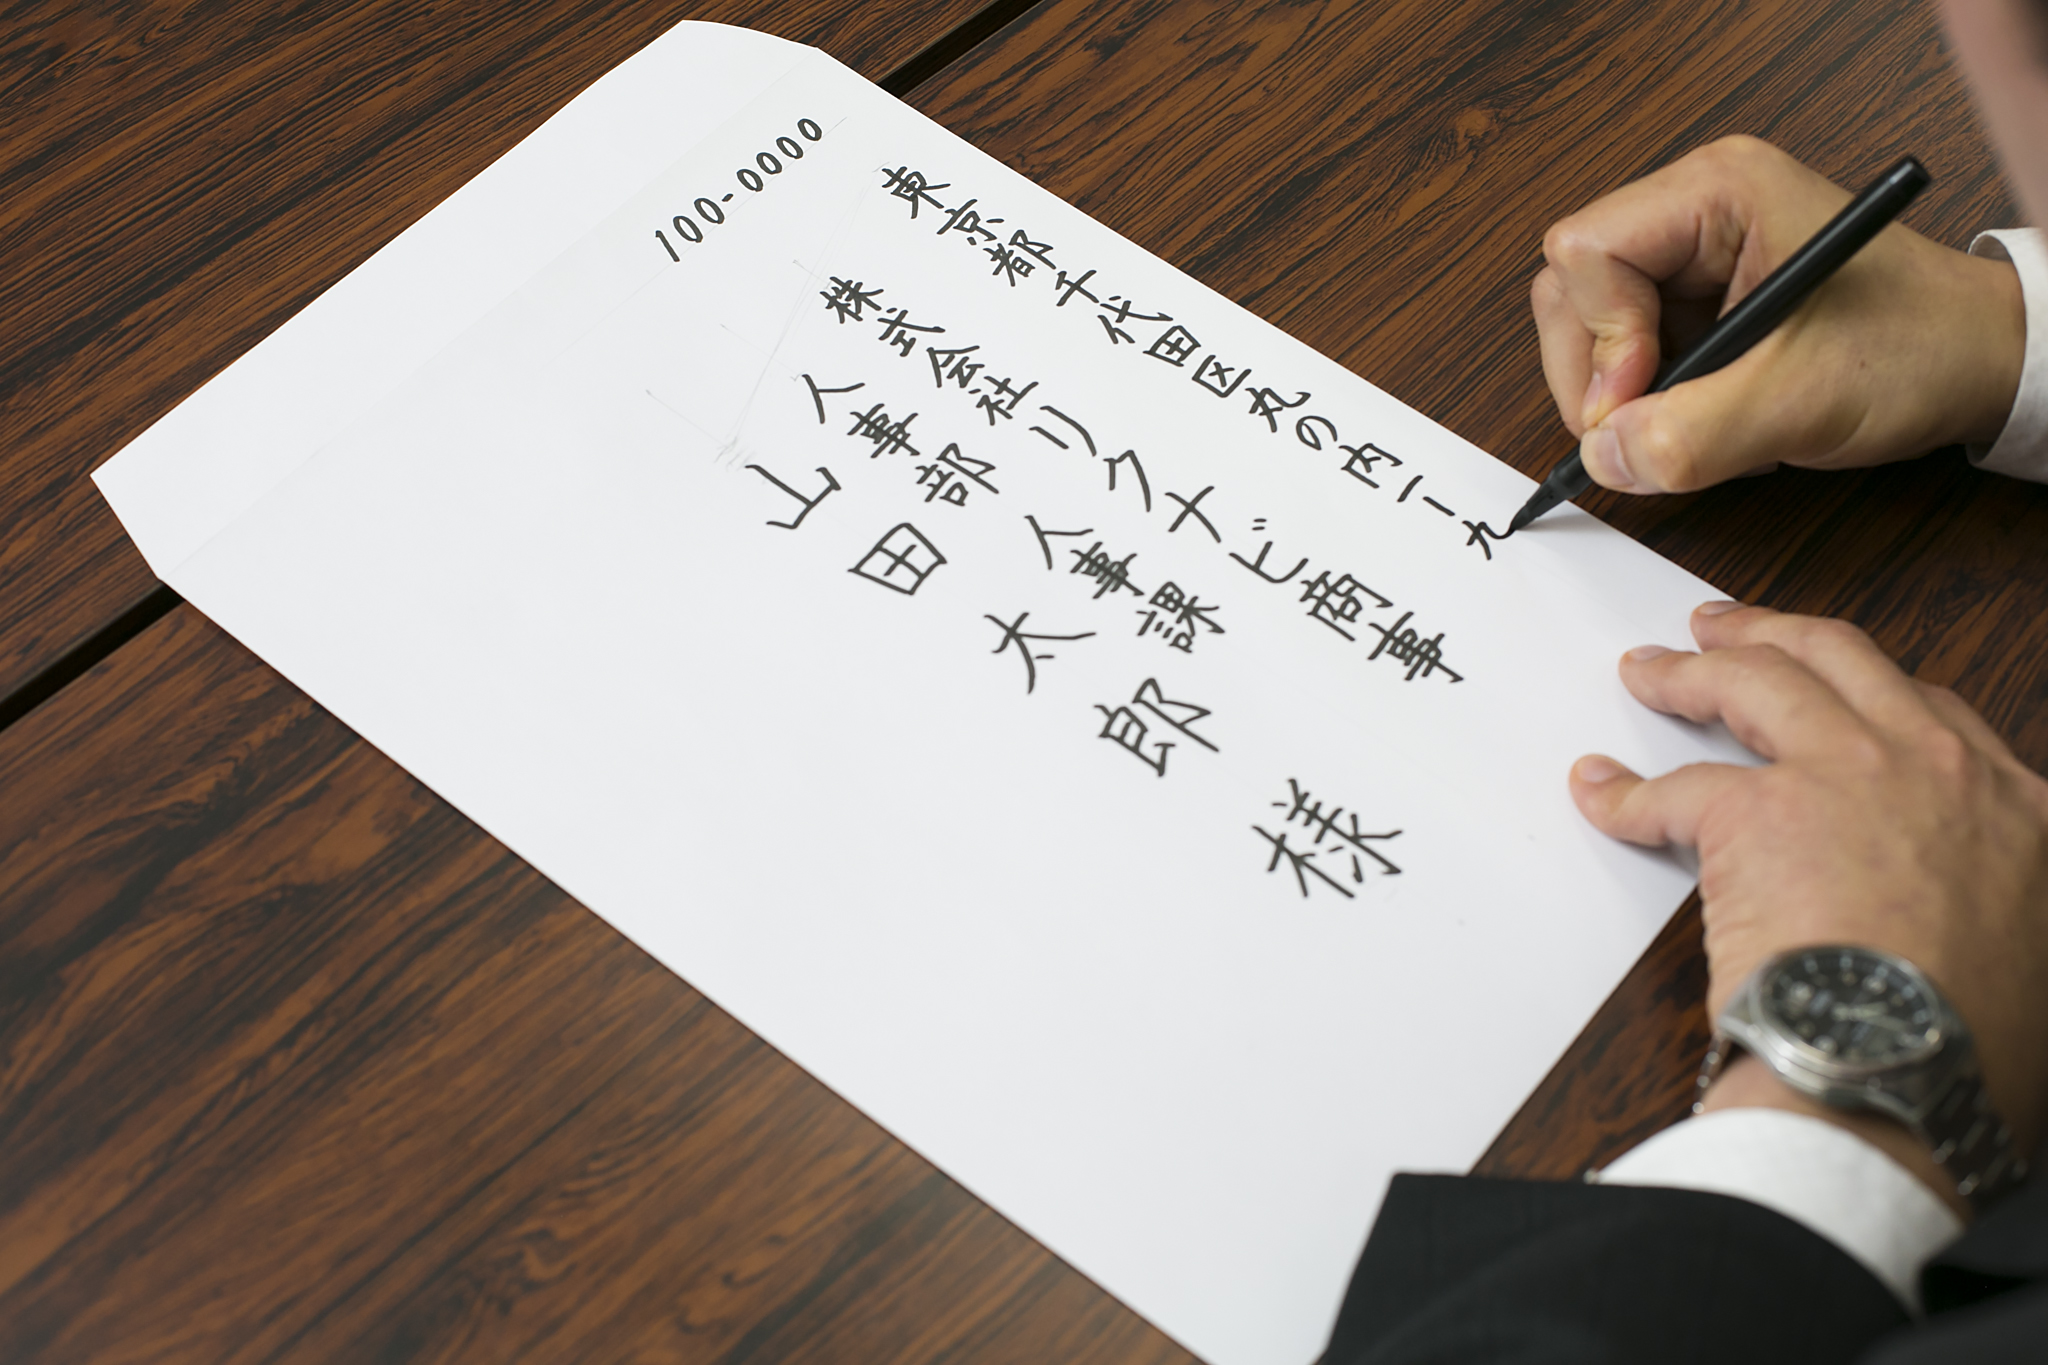 封筒の住所を書いている画像